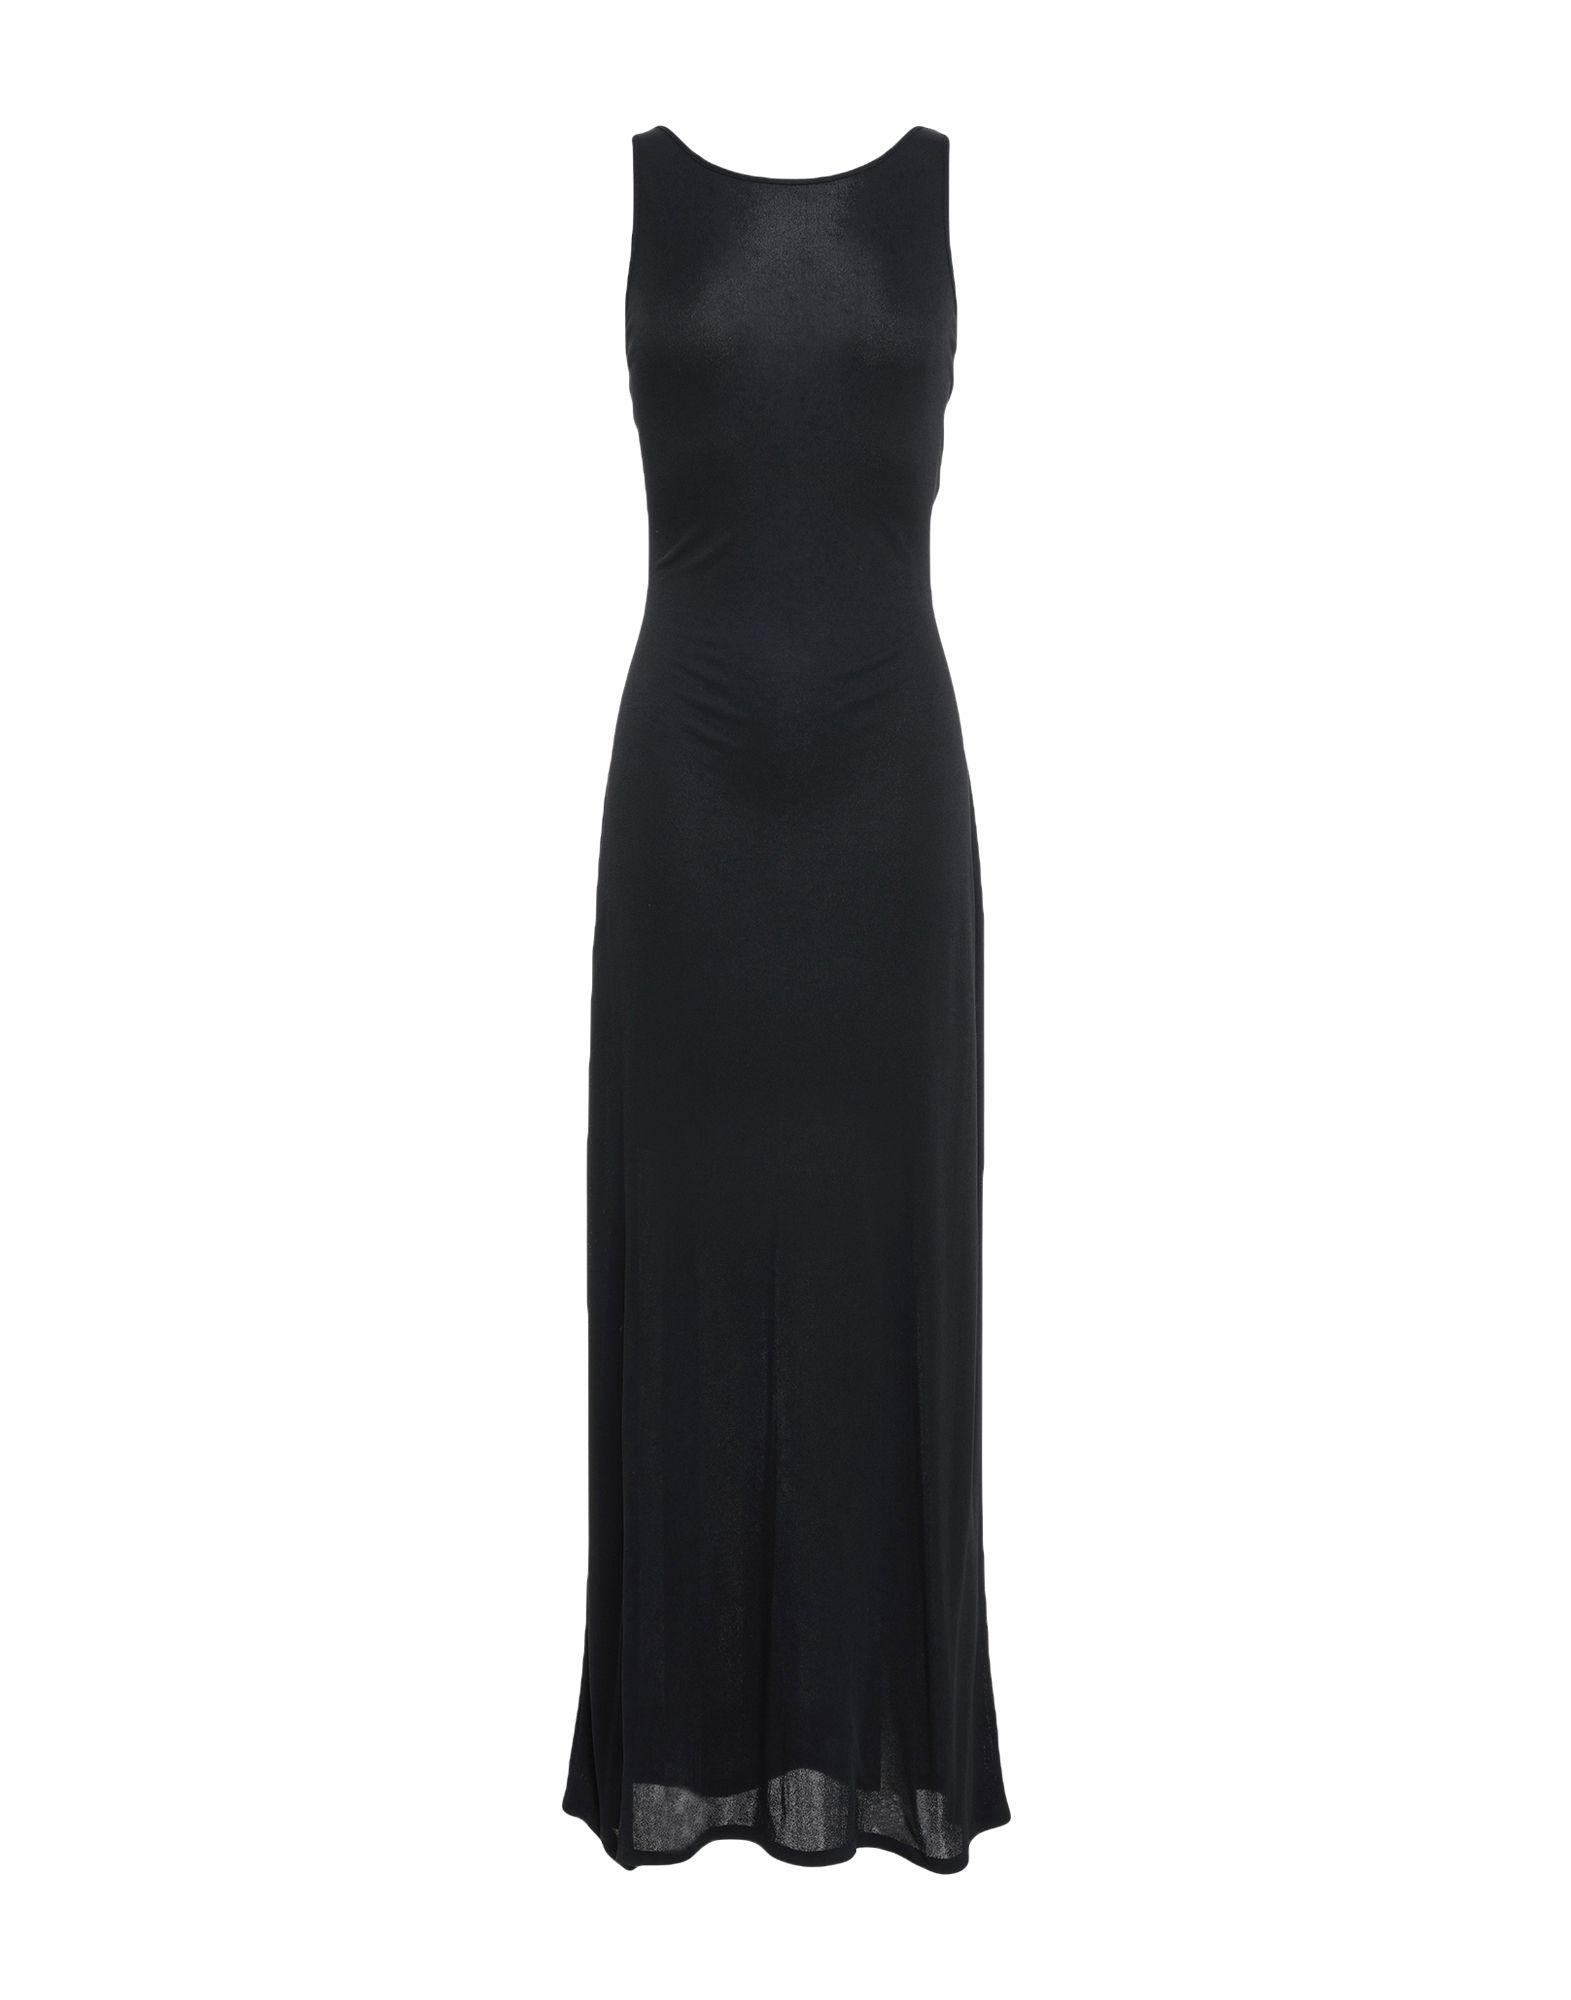 Фото - CARRIE Длинное платье carrie топ без рукавов